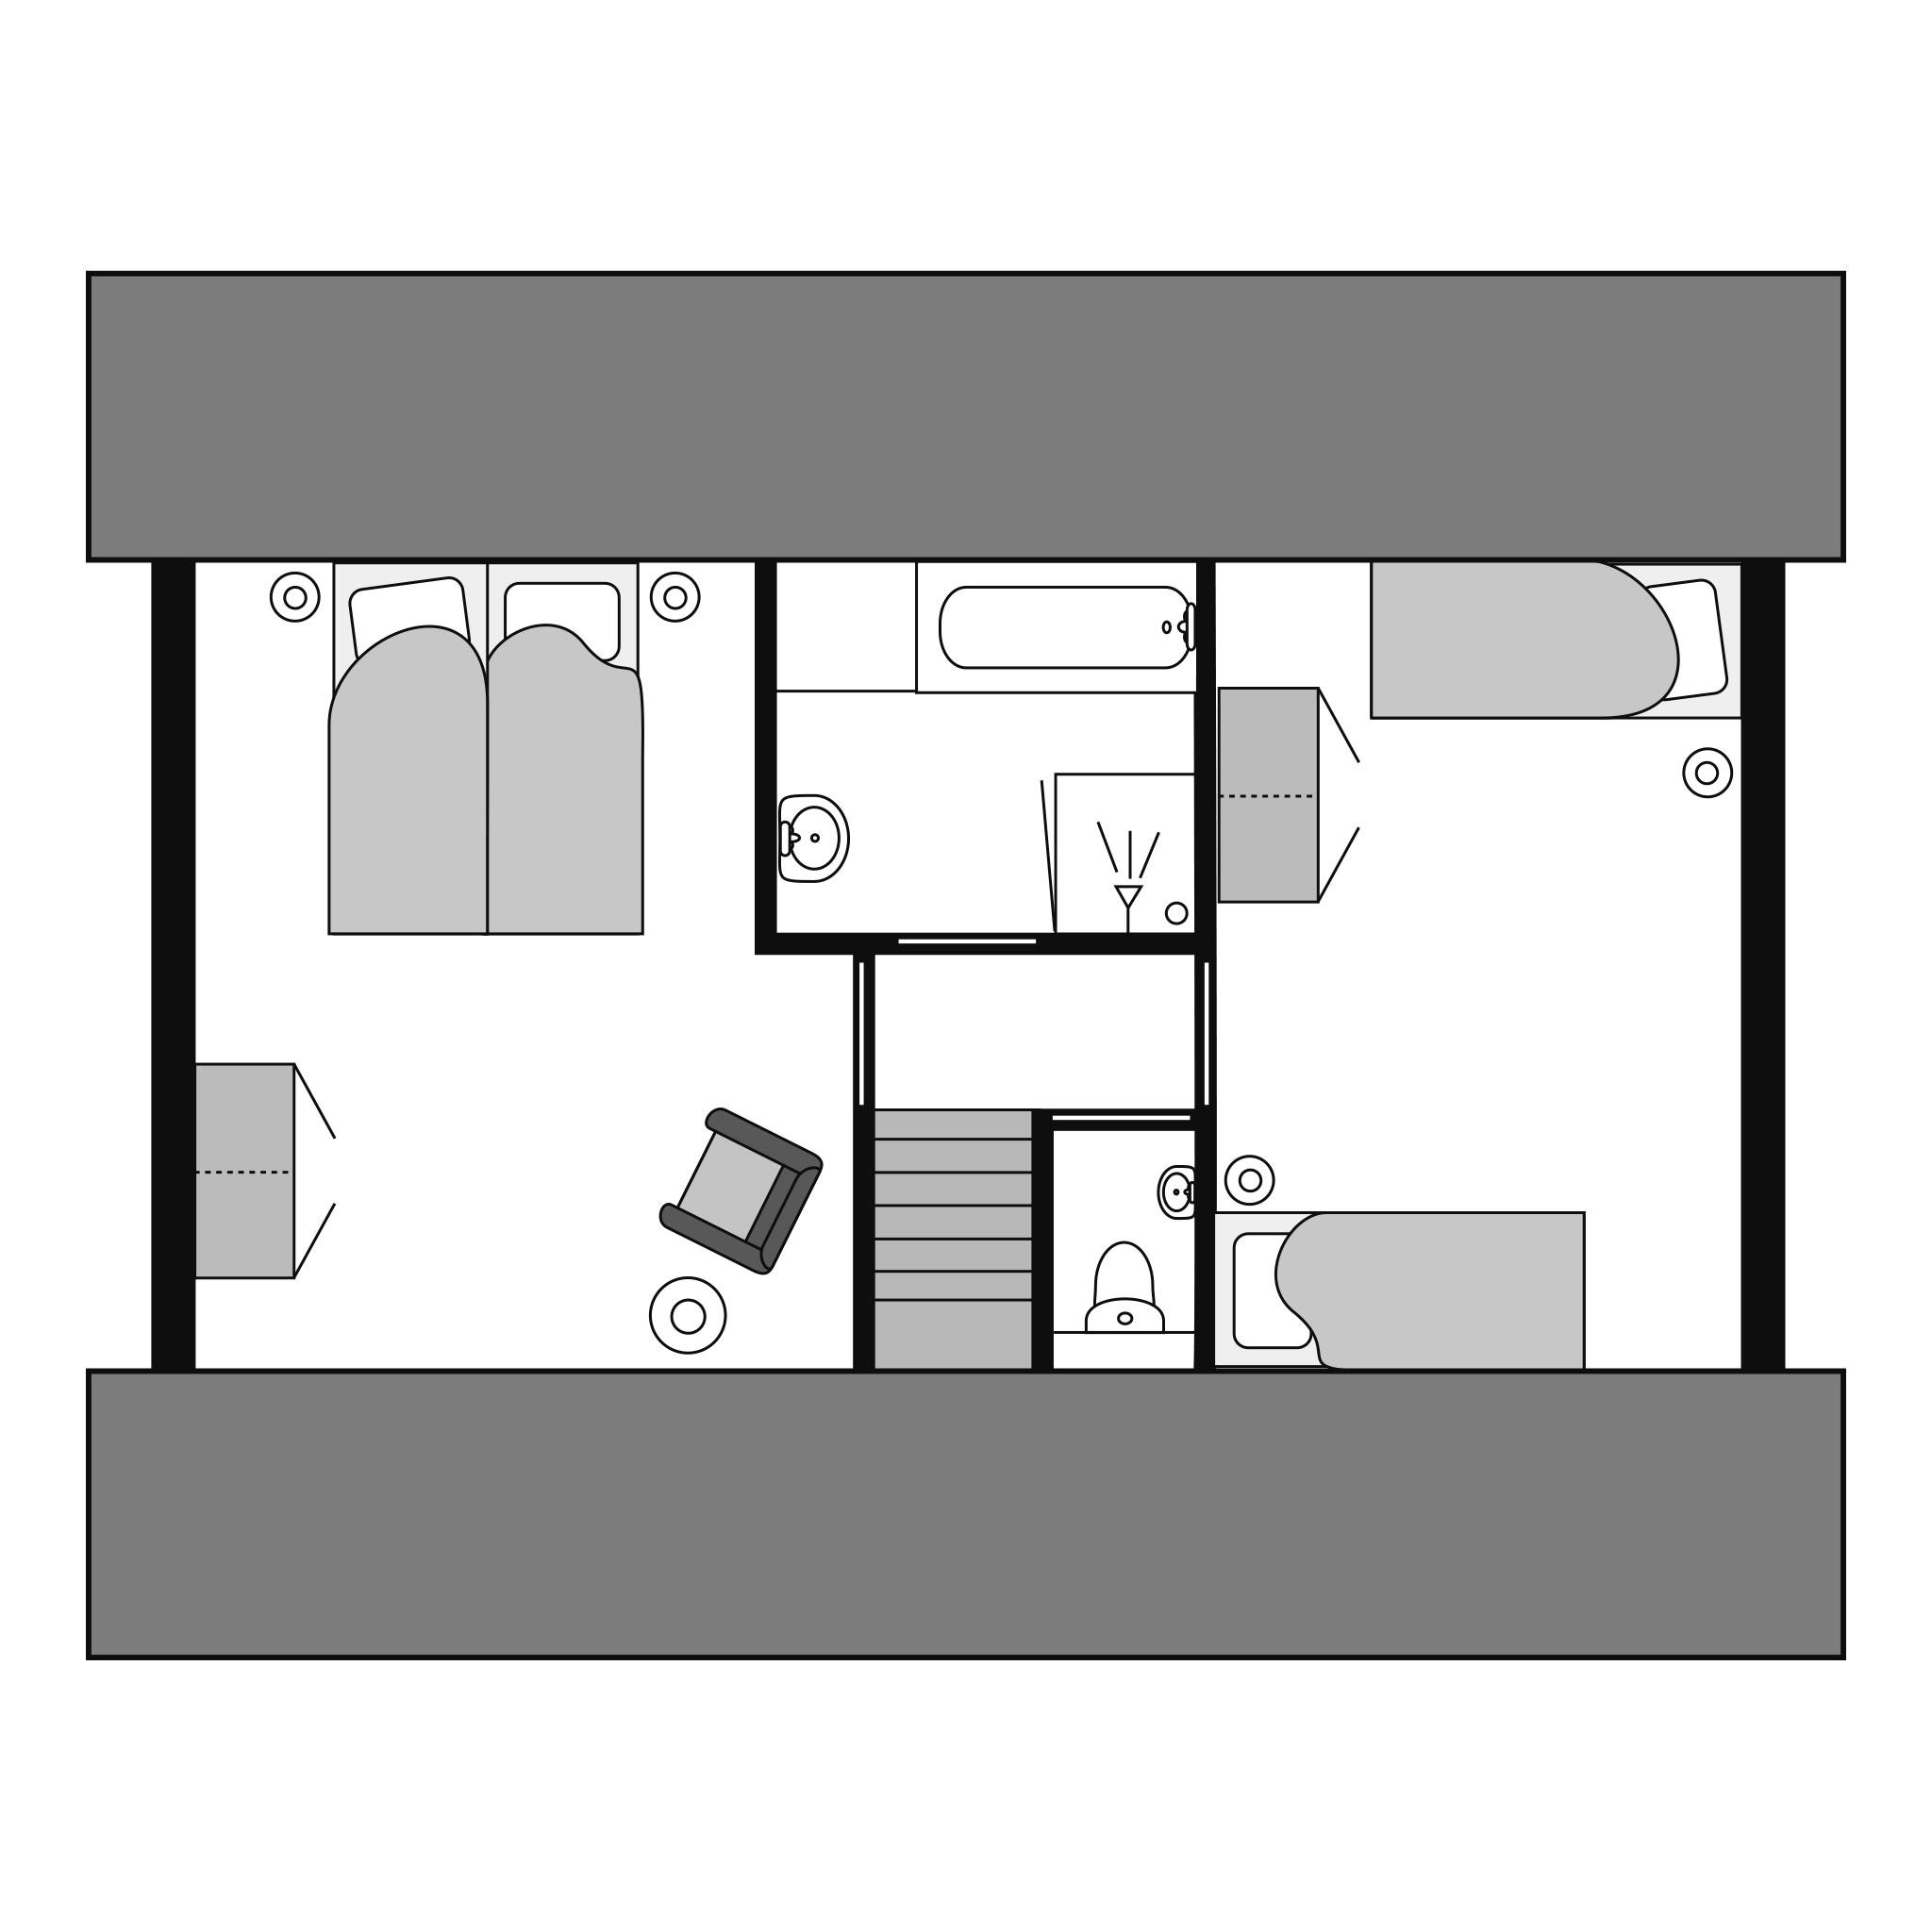 Ferienwohnung Komfort 6-Personen-Ferienhaus im Ferienpark Landal De Vers - am Wasser/Freizeitsee gelegen (2669905), Overloon, , Nordbrabant, Niederlande, Bild 27